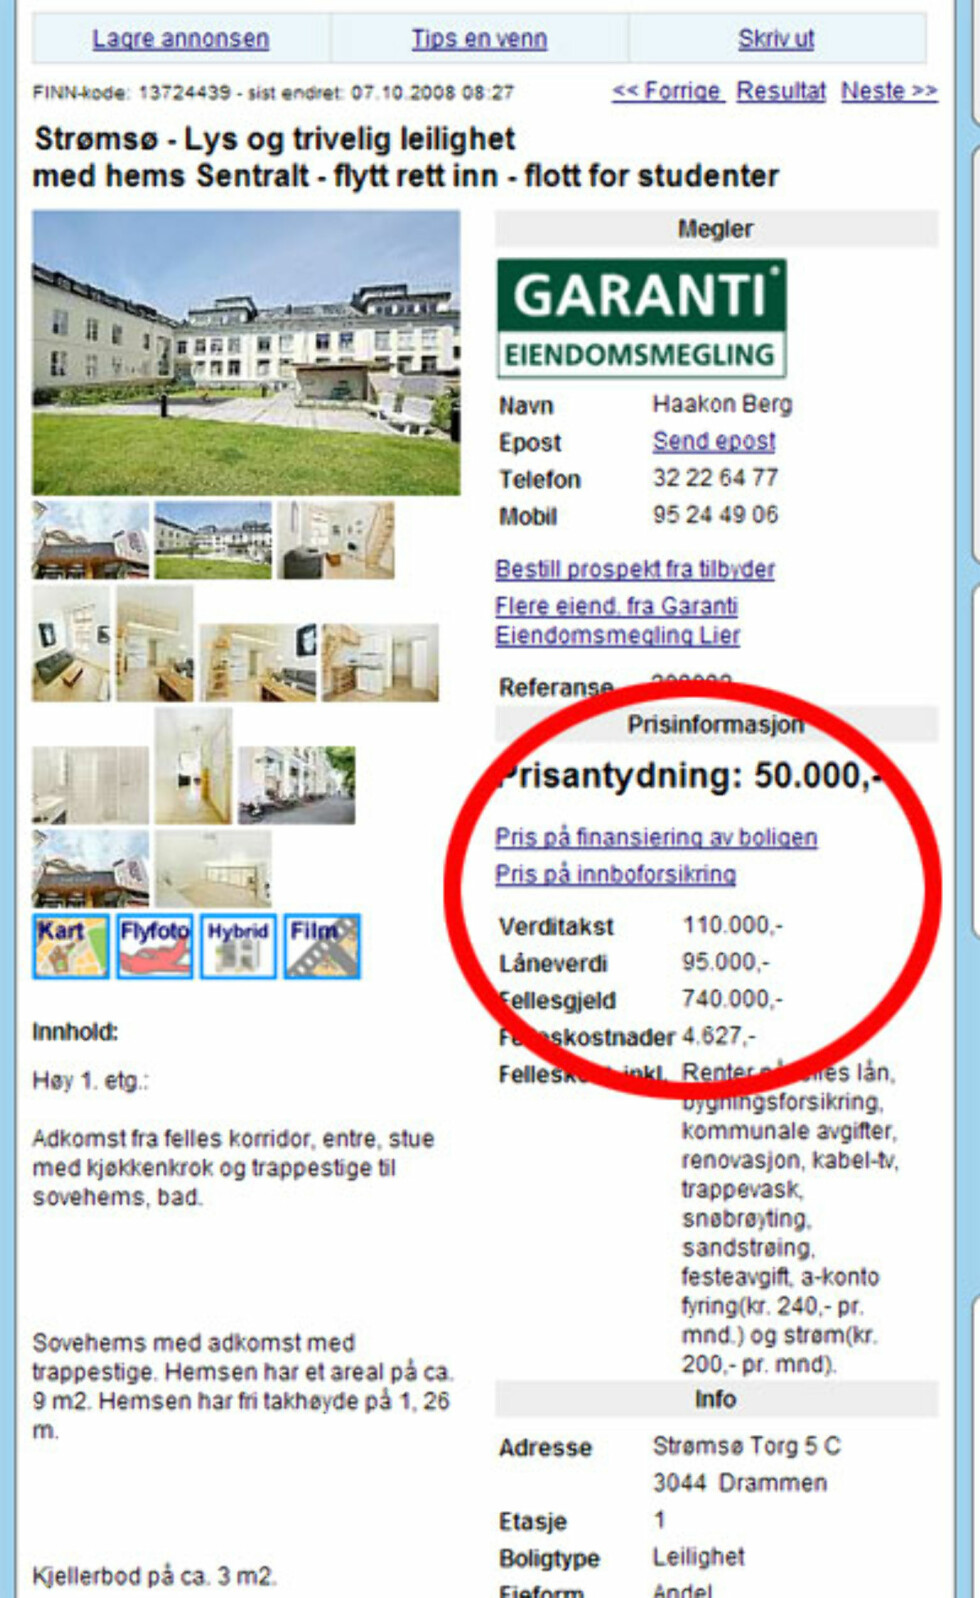 Drammen får mye skryt for sin byopprustning, men det er likevel billigsalg på enkelte boliger. Som her på Strømsø, der du kan få en studentleilighet for 50.000 kroner. Fellesgjelden er på 740.000. Faksimile fra Finn.no.